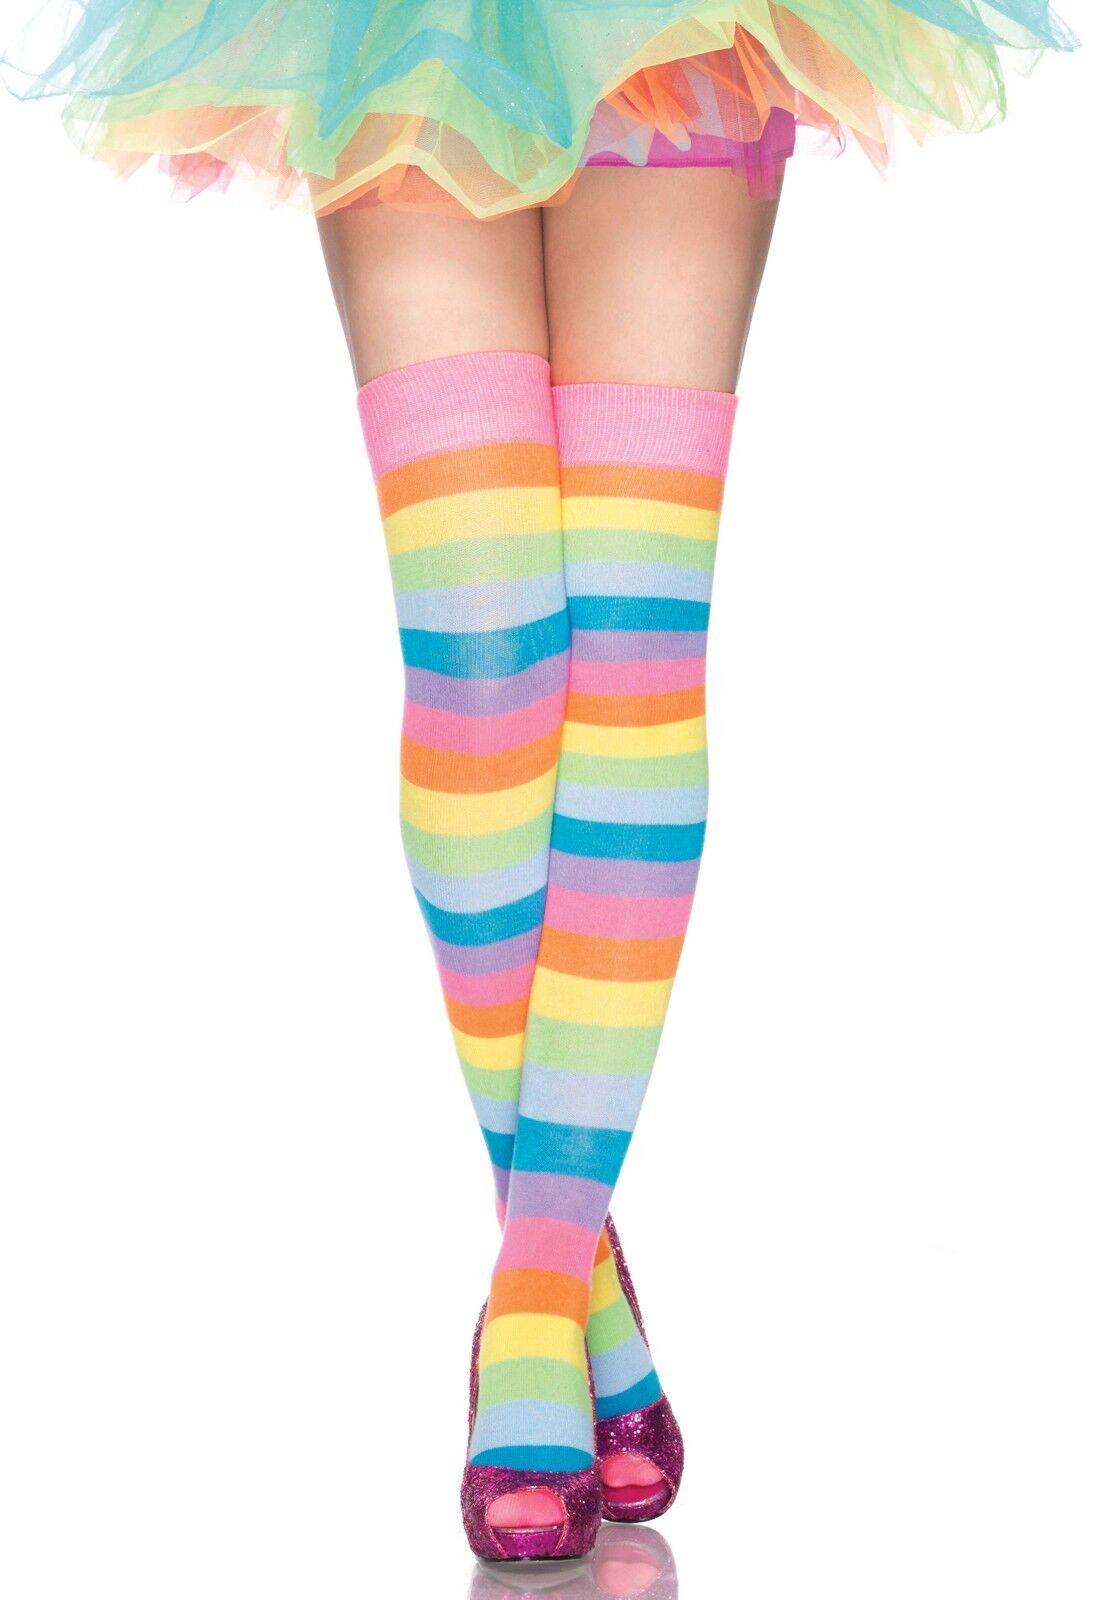 5f9a9e1364001 Details zu LAG 6600 Leg Avenue Socken Strümpfe Overknees Regenbogen  Streifen Kniestrümpfe